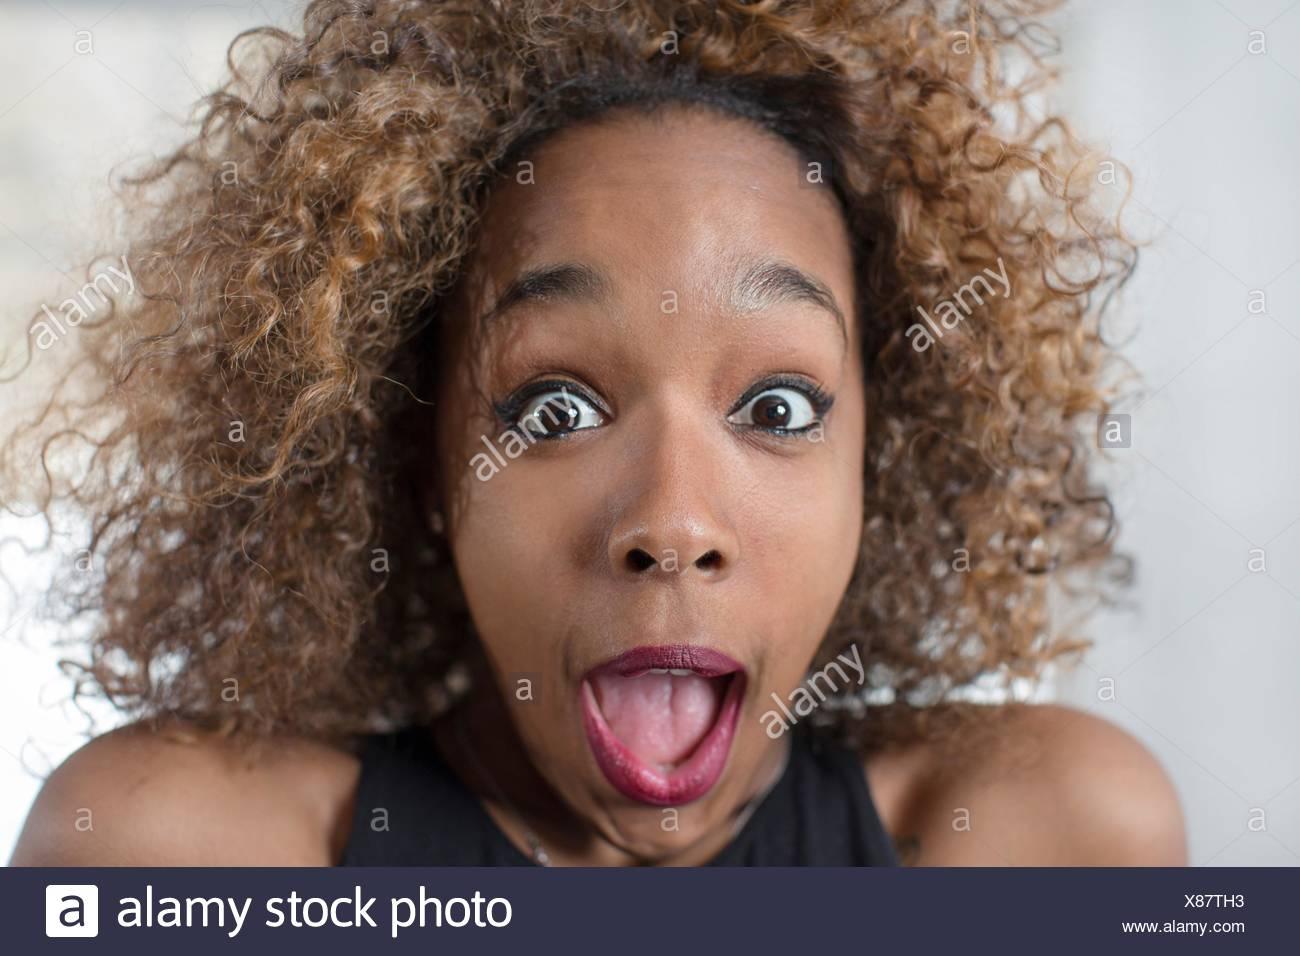 Ritratto di giovane donna tirando una faccia con la bocca aperta Foto Stock